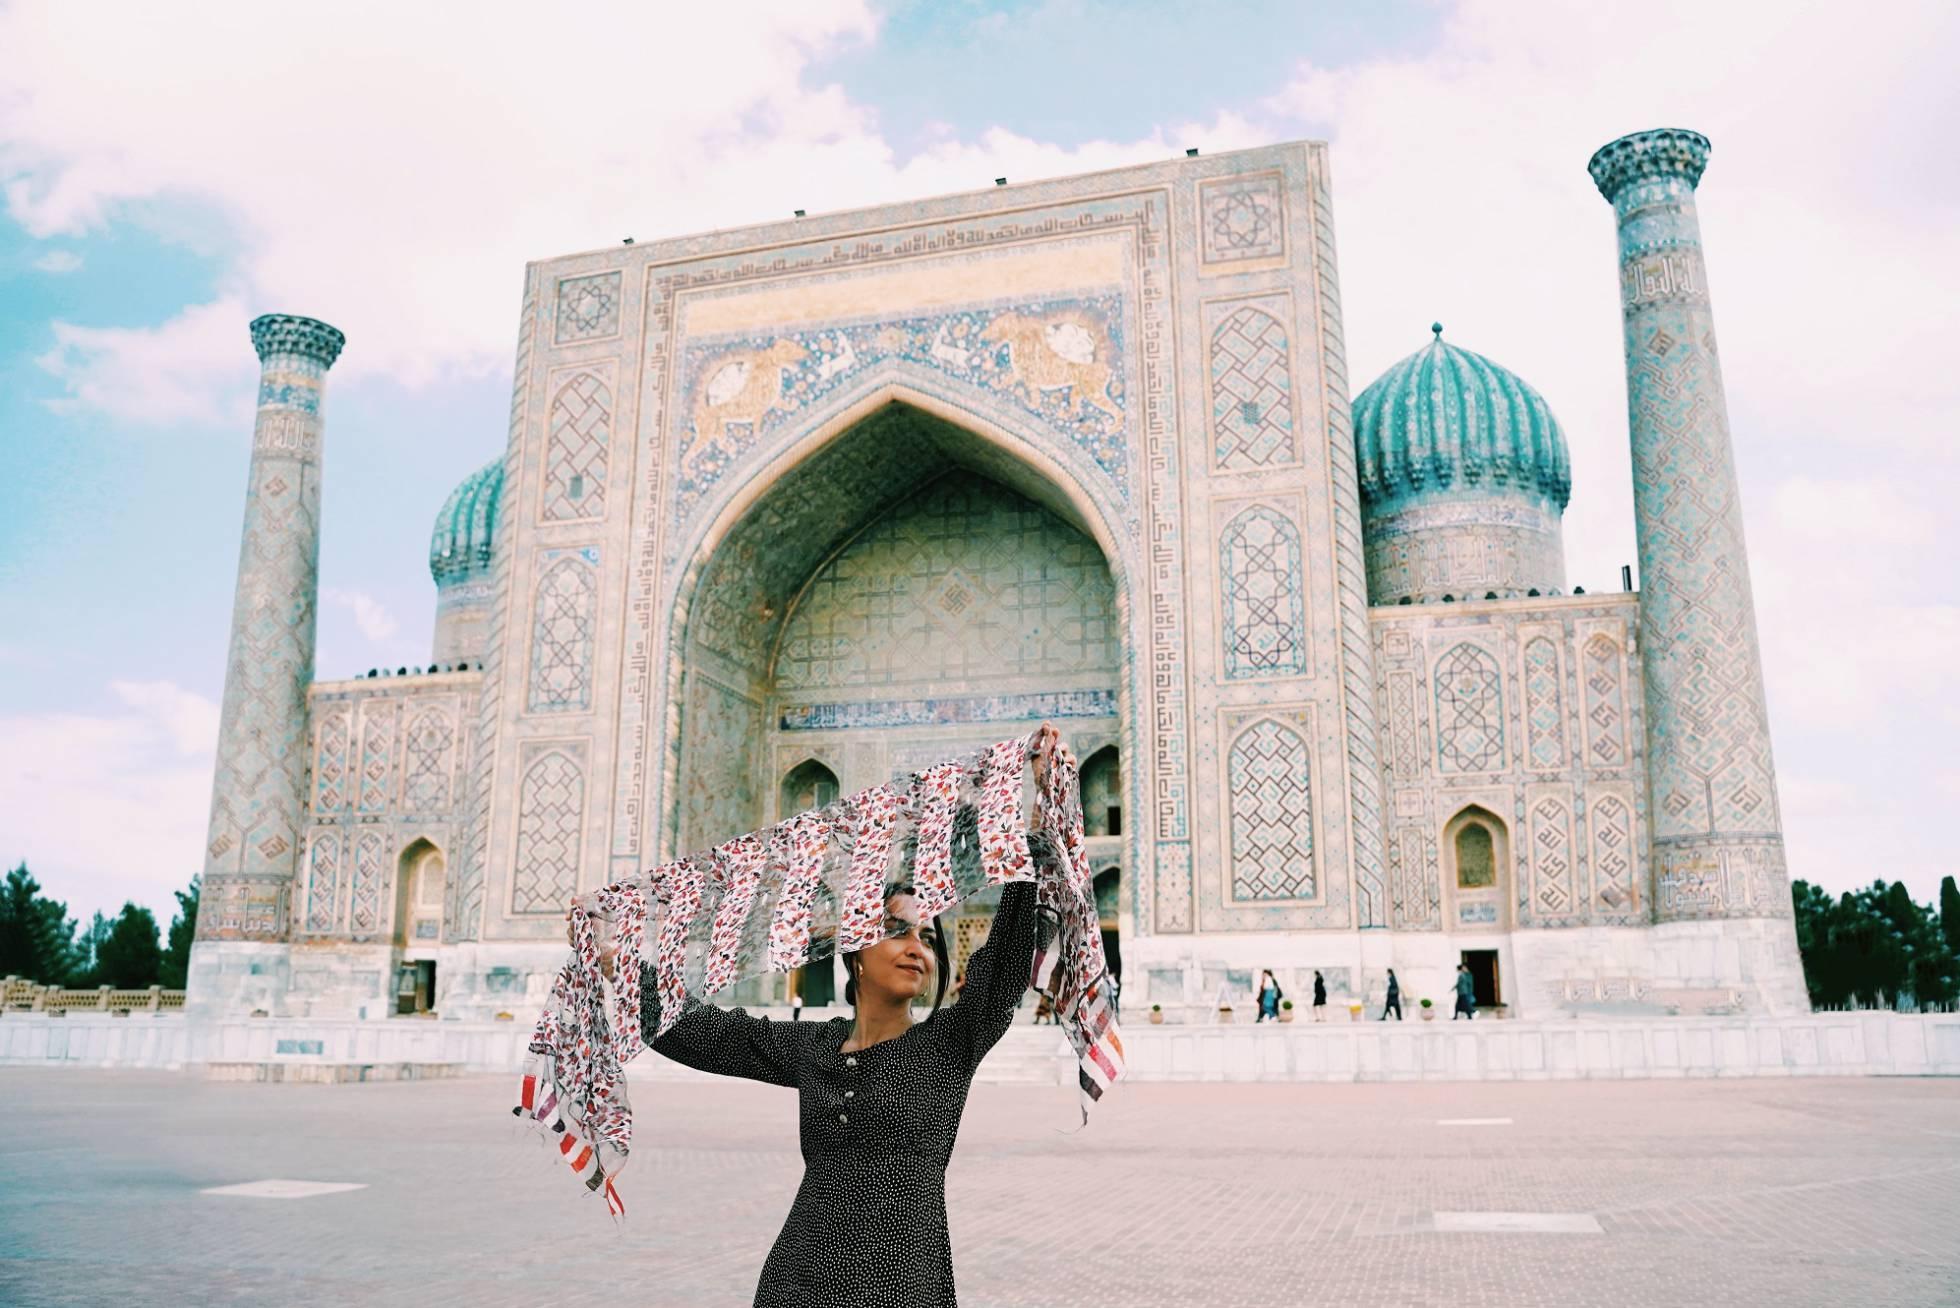 خسارت 3000 دلاری ازبکستان به گردشگرانی که به کرونا مبتلا می شوند